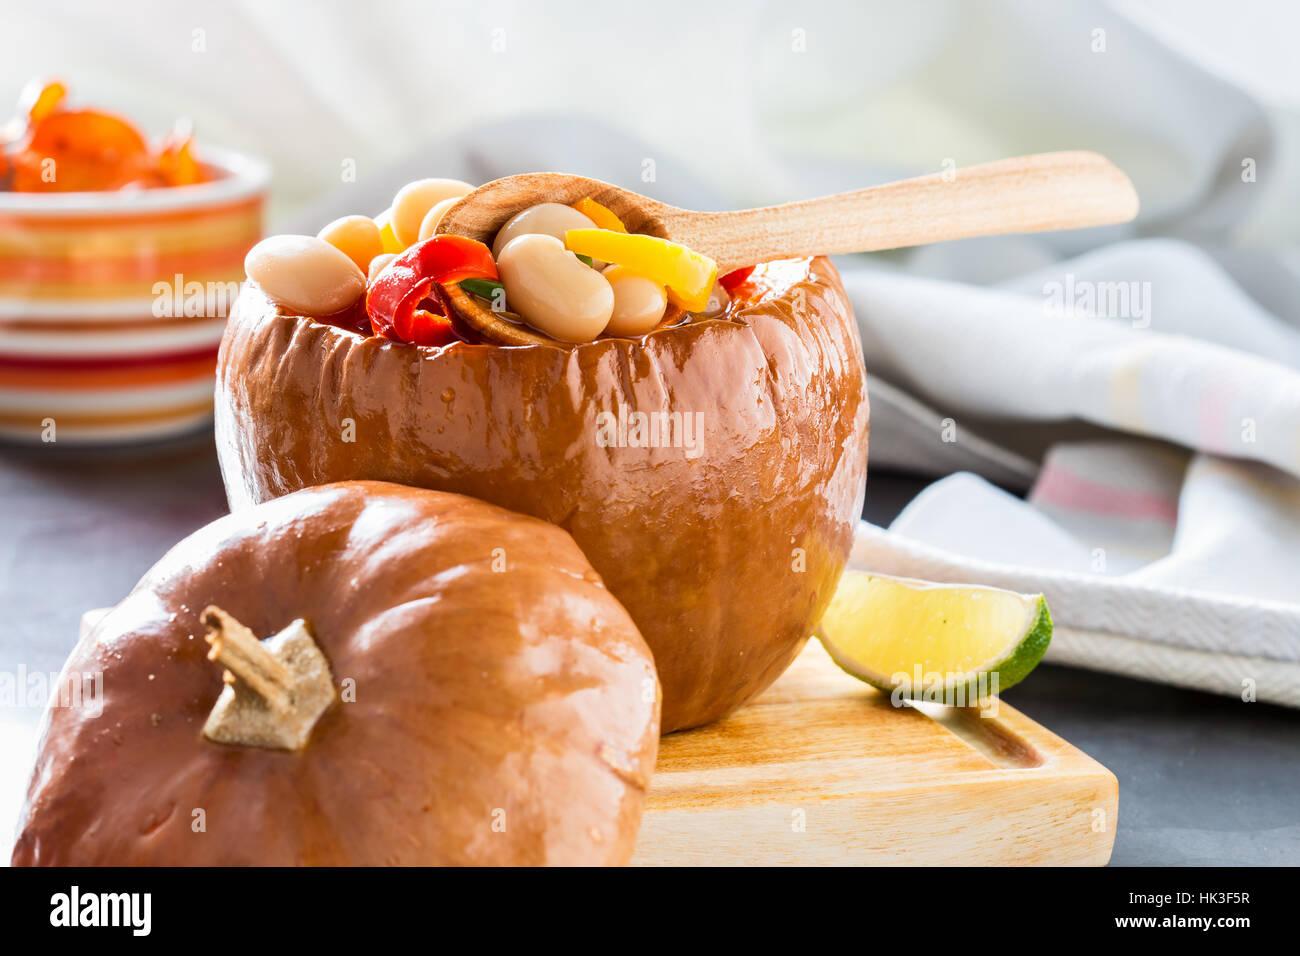 Le haricot blanc et rouge légumes ragoût dans des bols de potiron servi sur planche de bois Banque D'Images